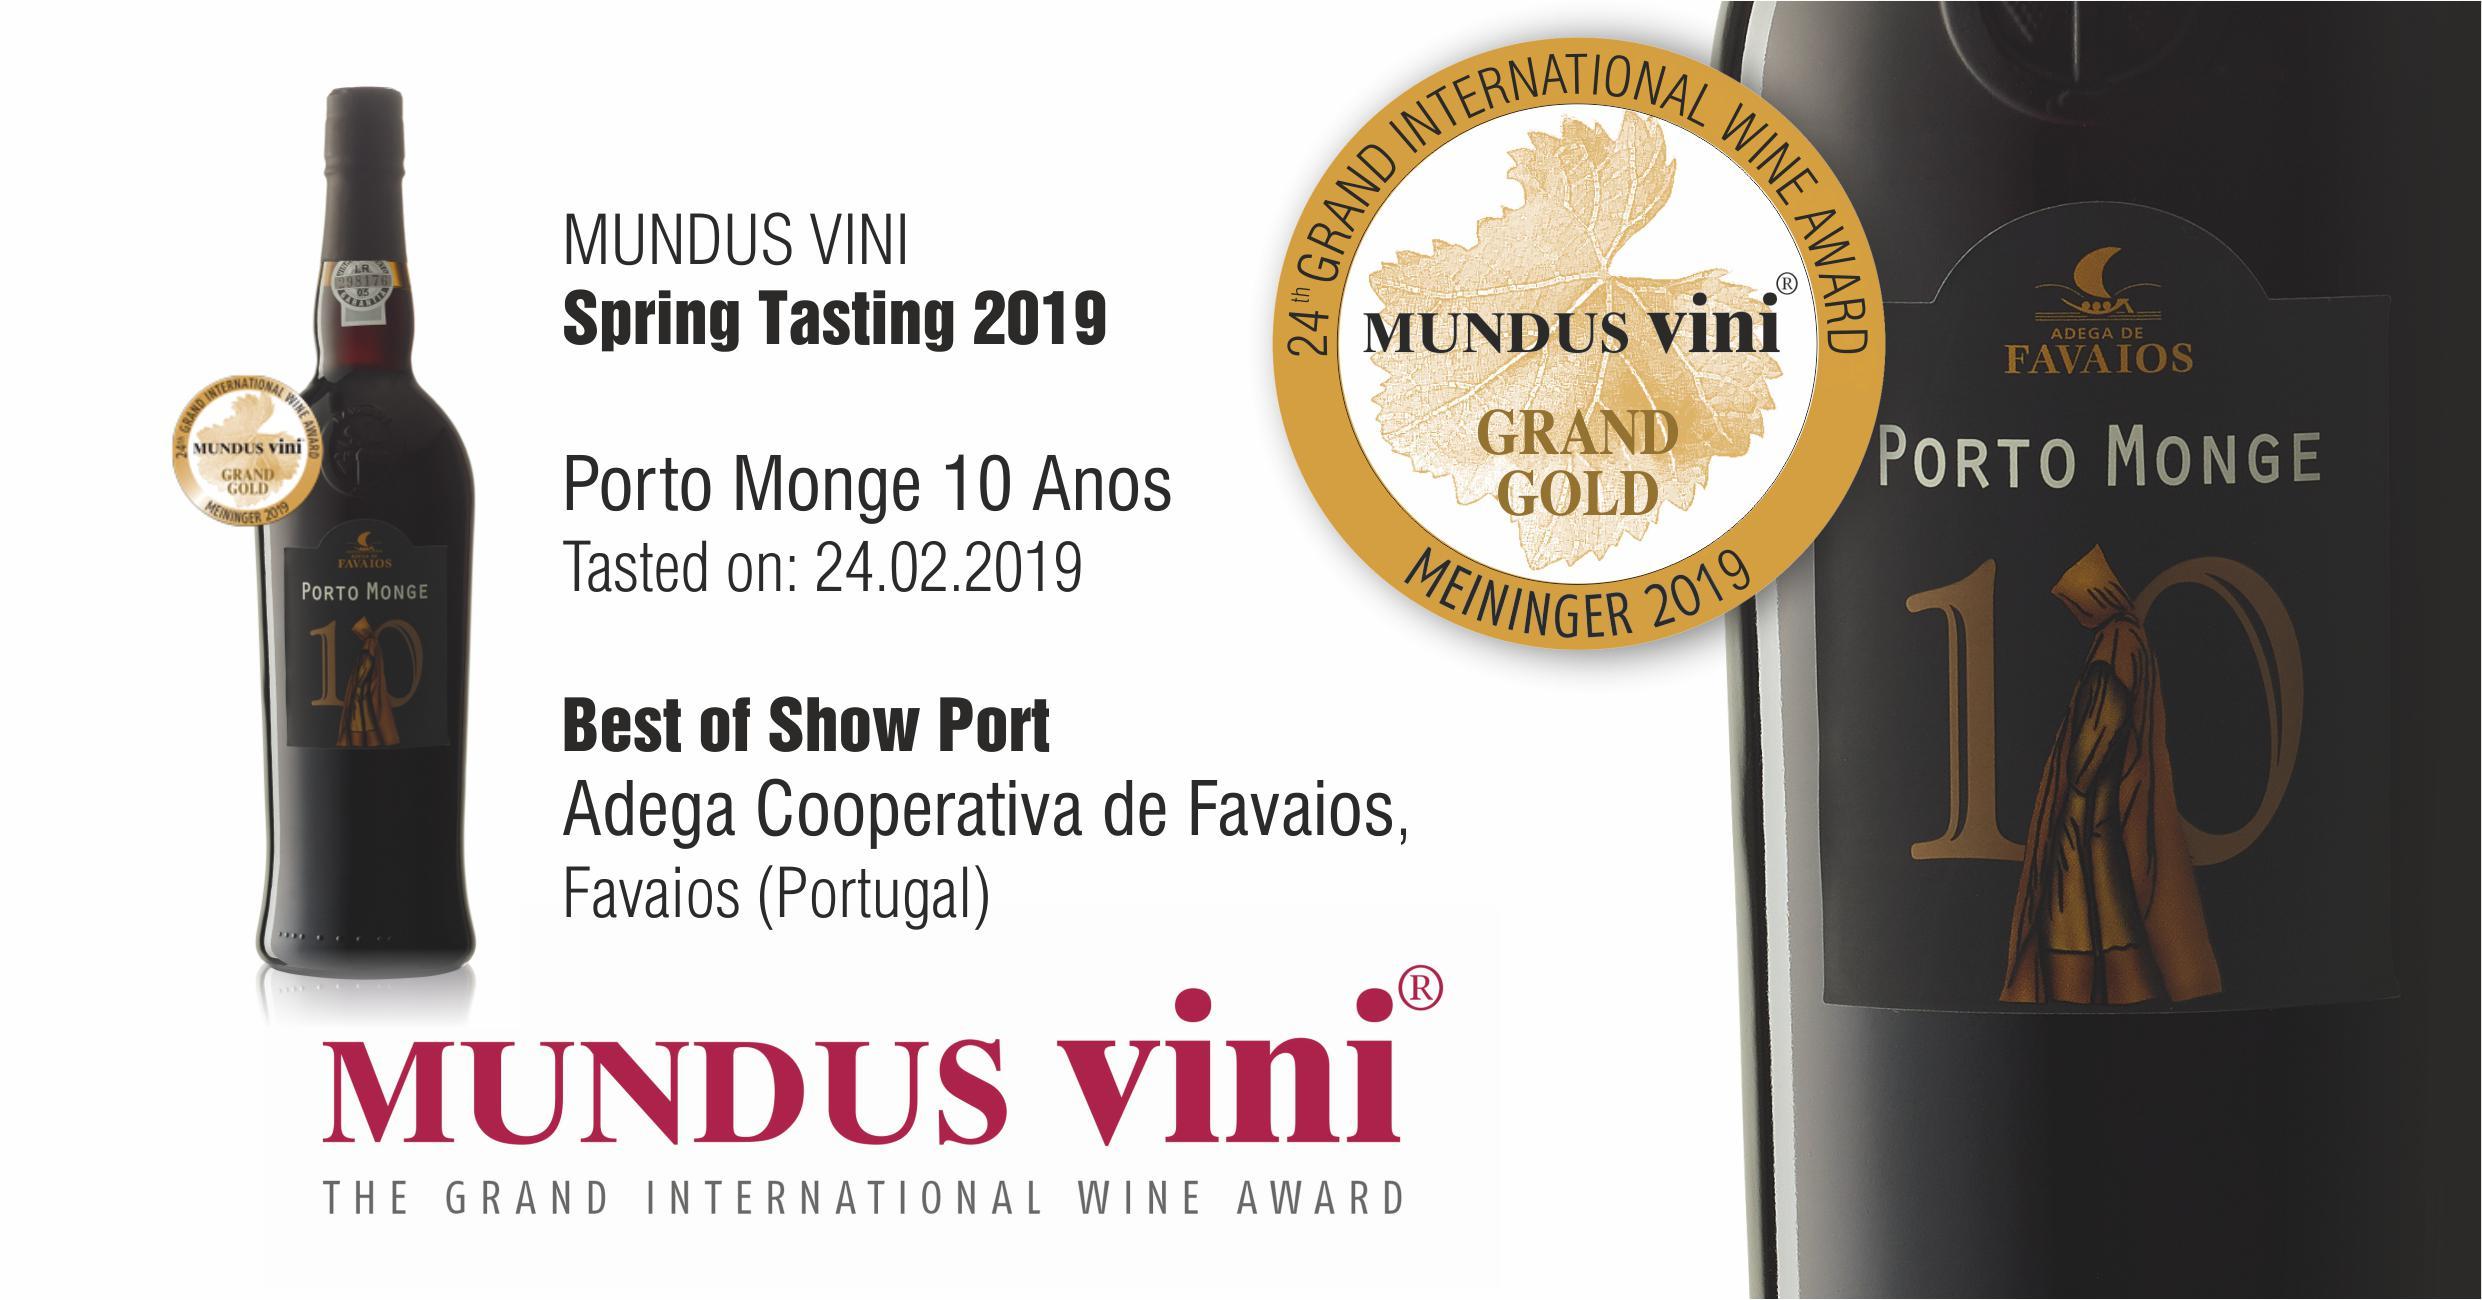 Adega de Favaios e mais um destaque a Nivel Internacional no Concurso MUNDUS VINI Spring Tasting 2019